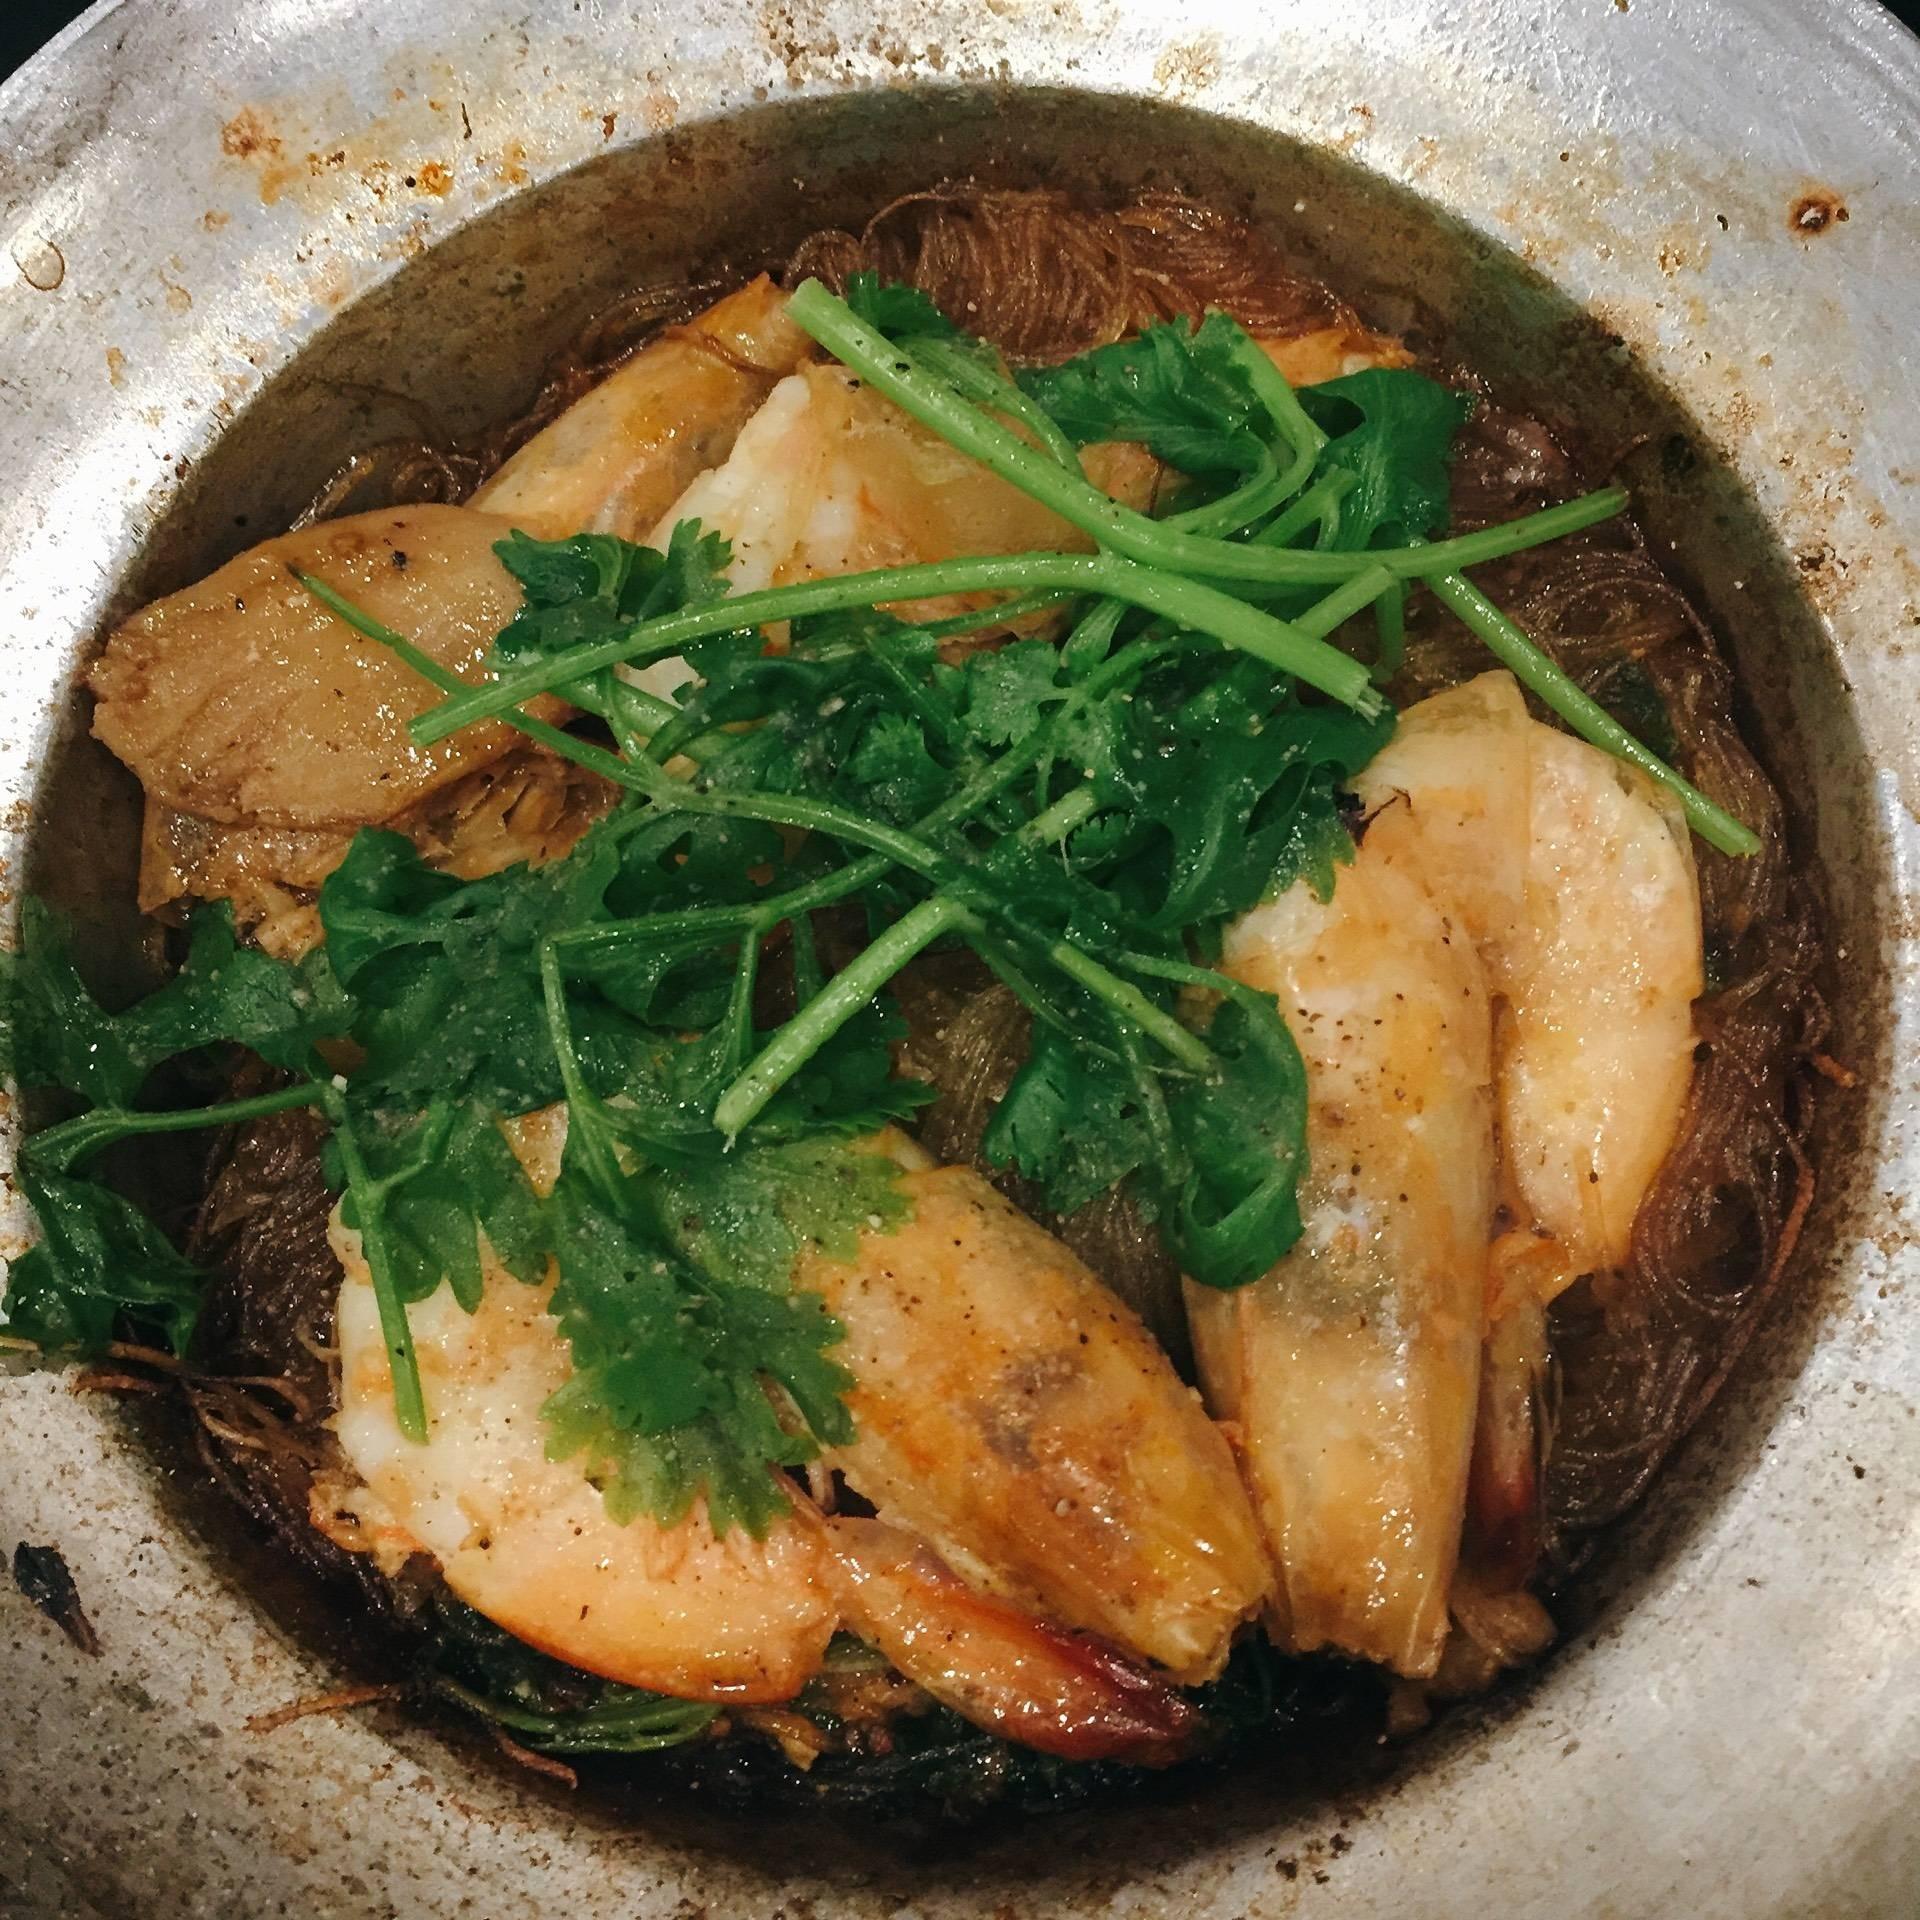 ทับทิมเมี่ยงปลาเผา